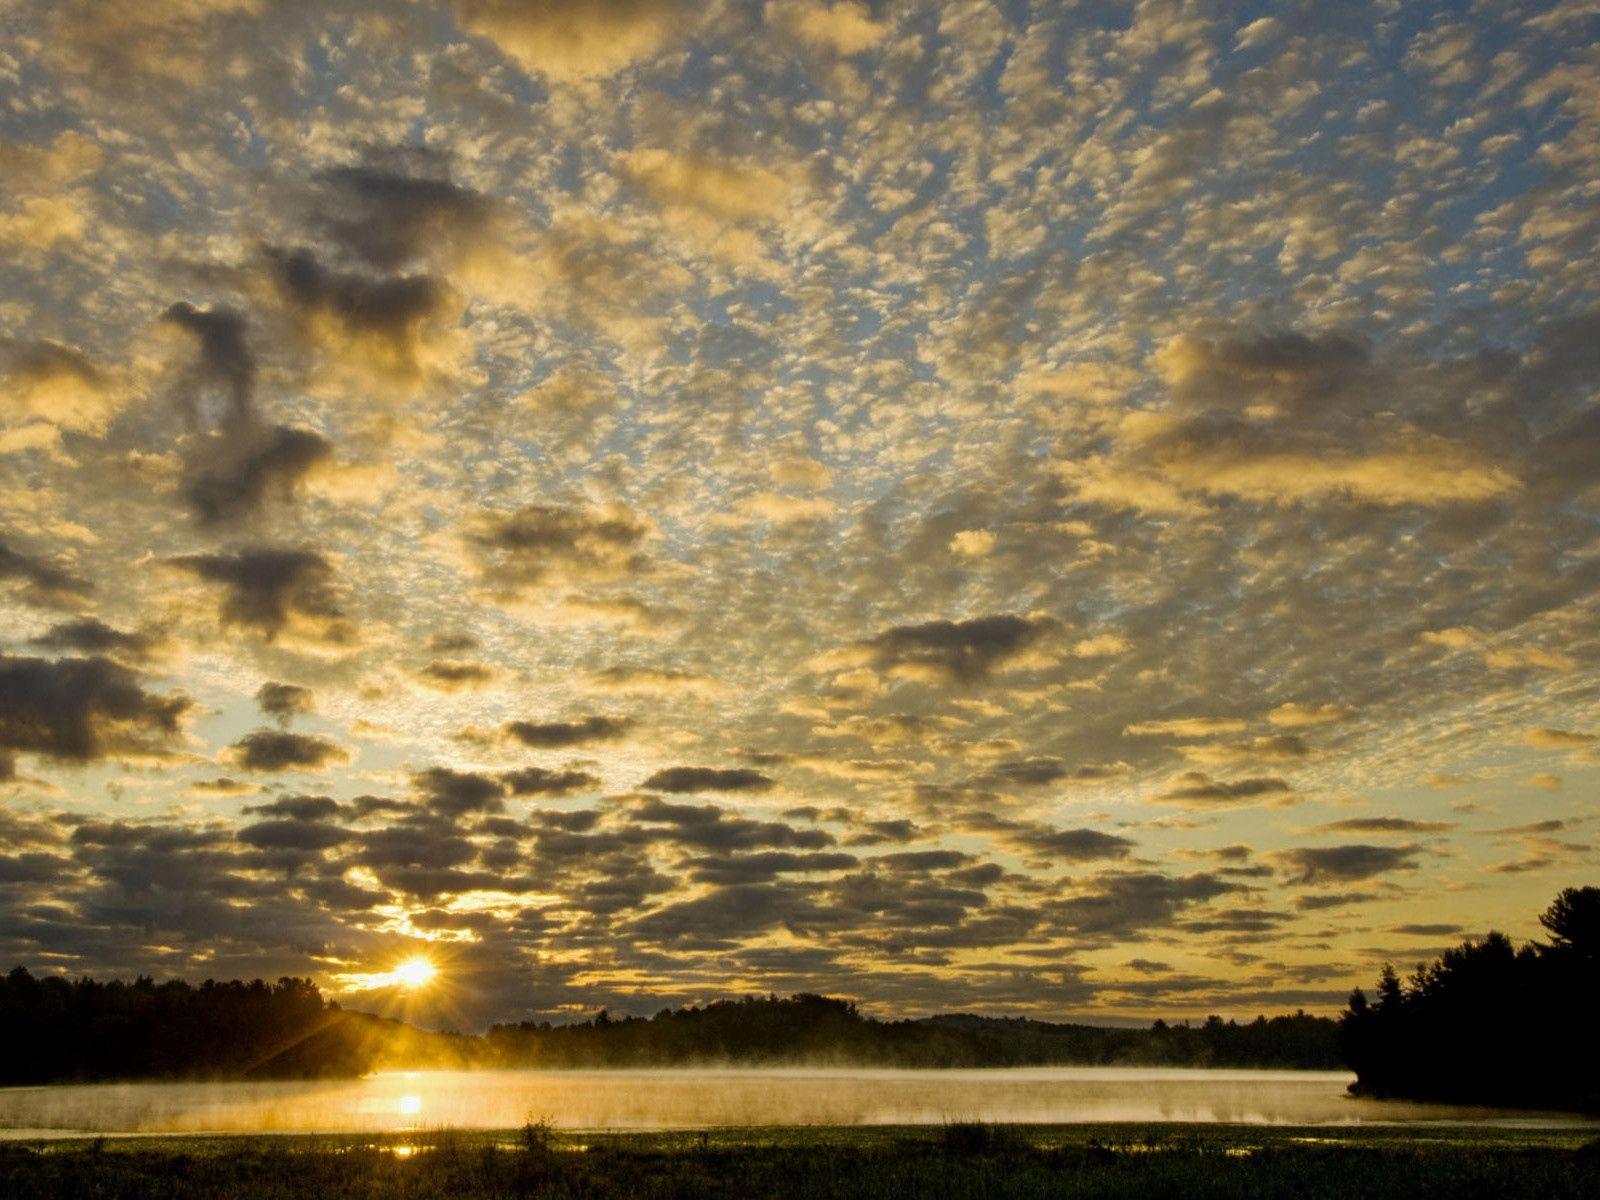 149367 скачать обои Природа, Горизонт, Утро, Туман, Солнце - заставки и картинки бесплатно